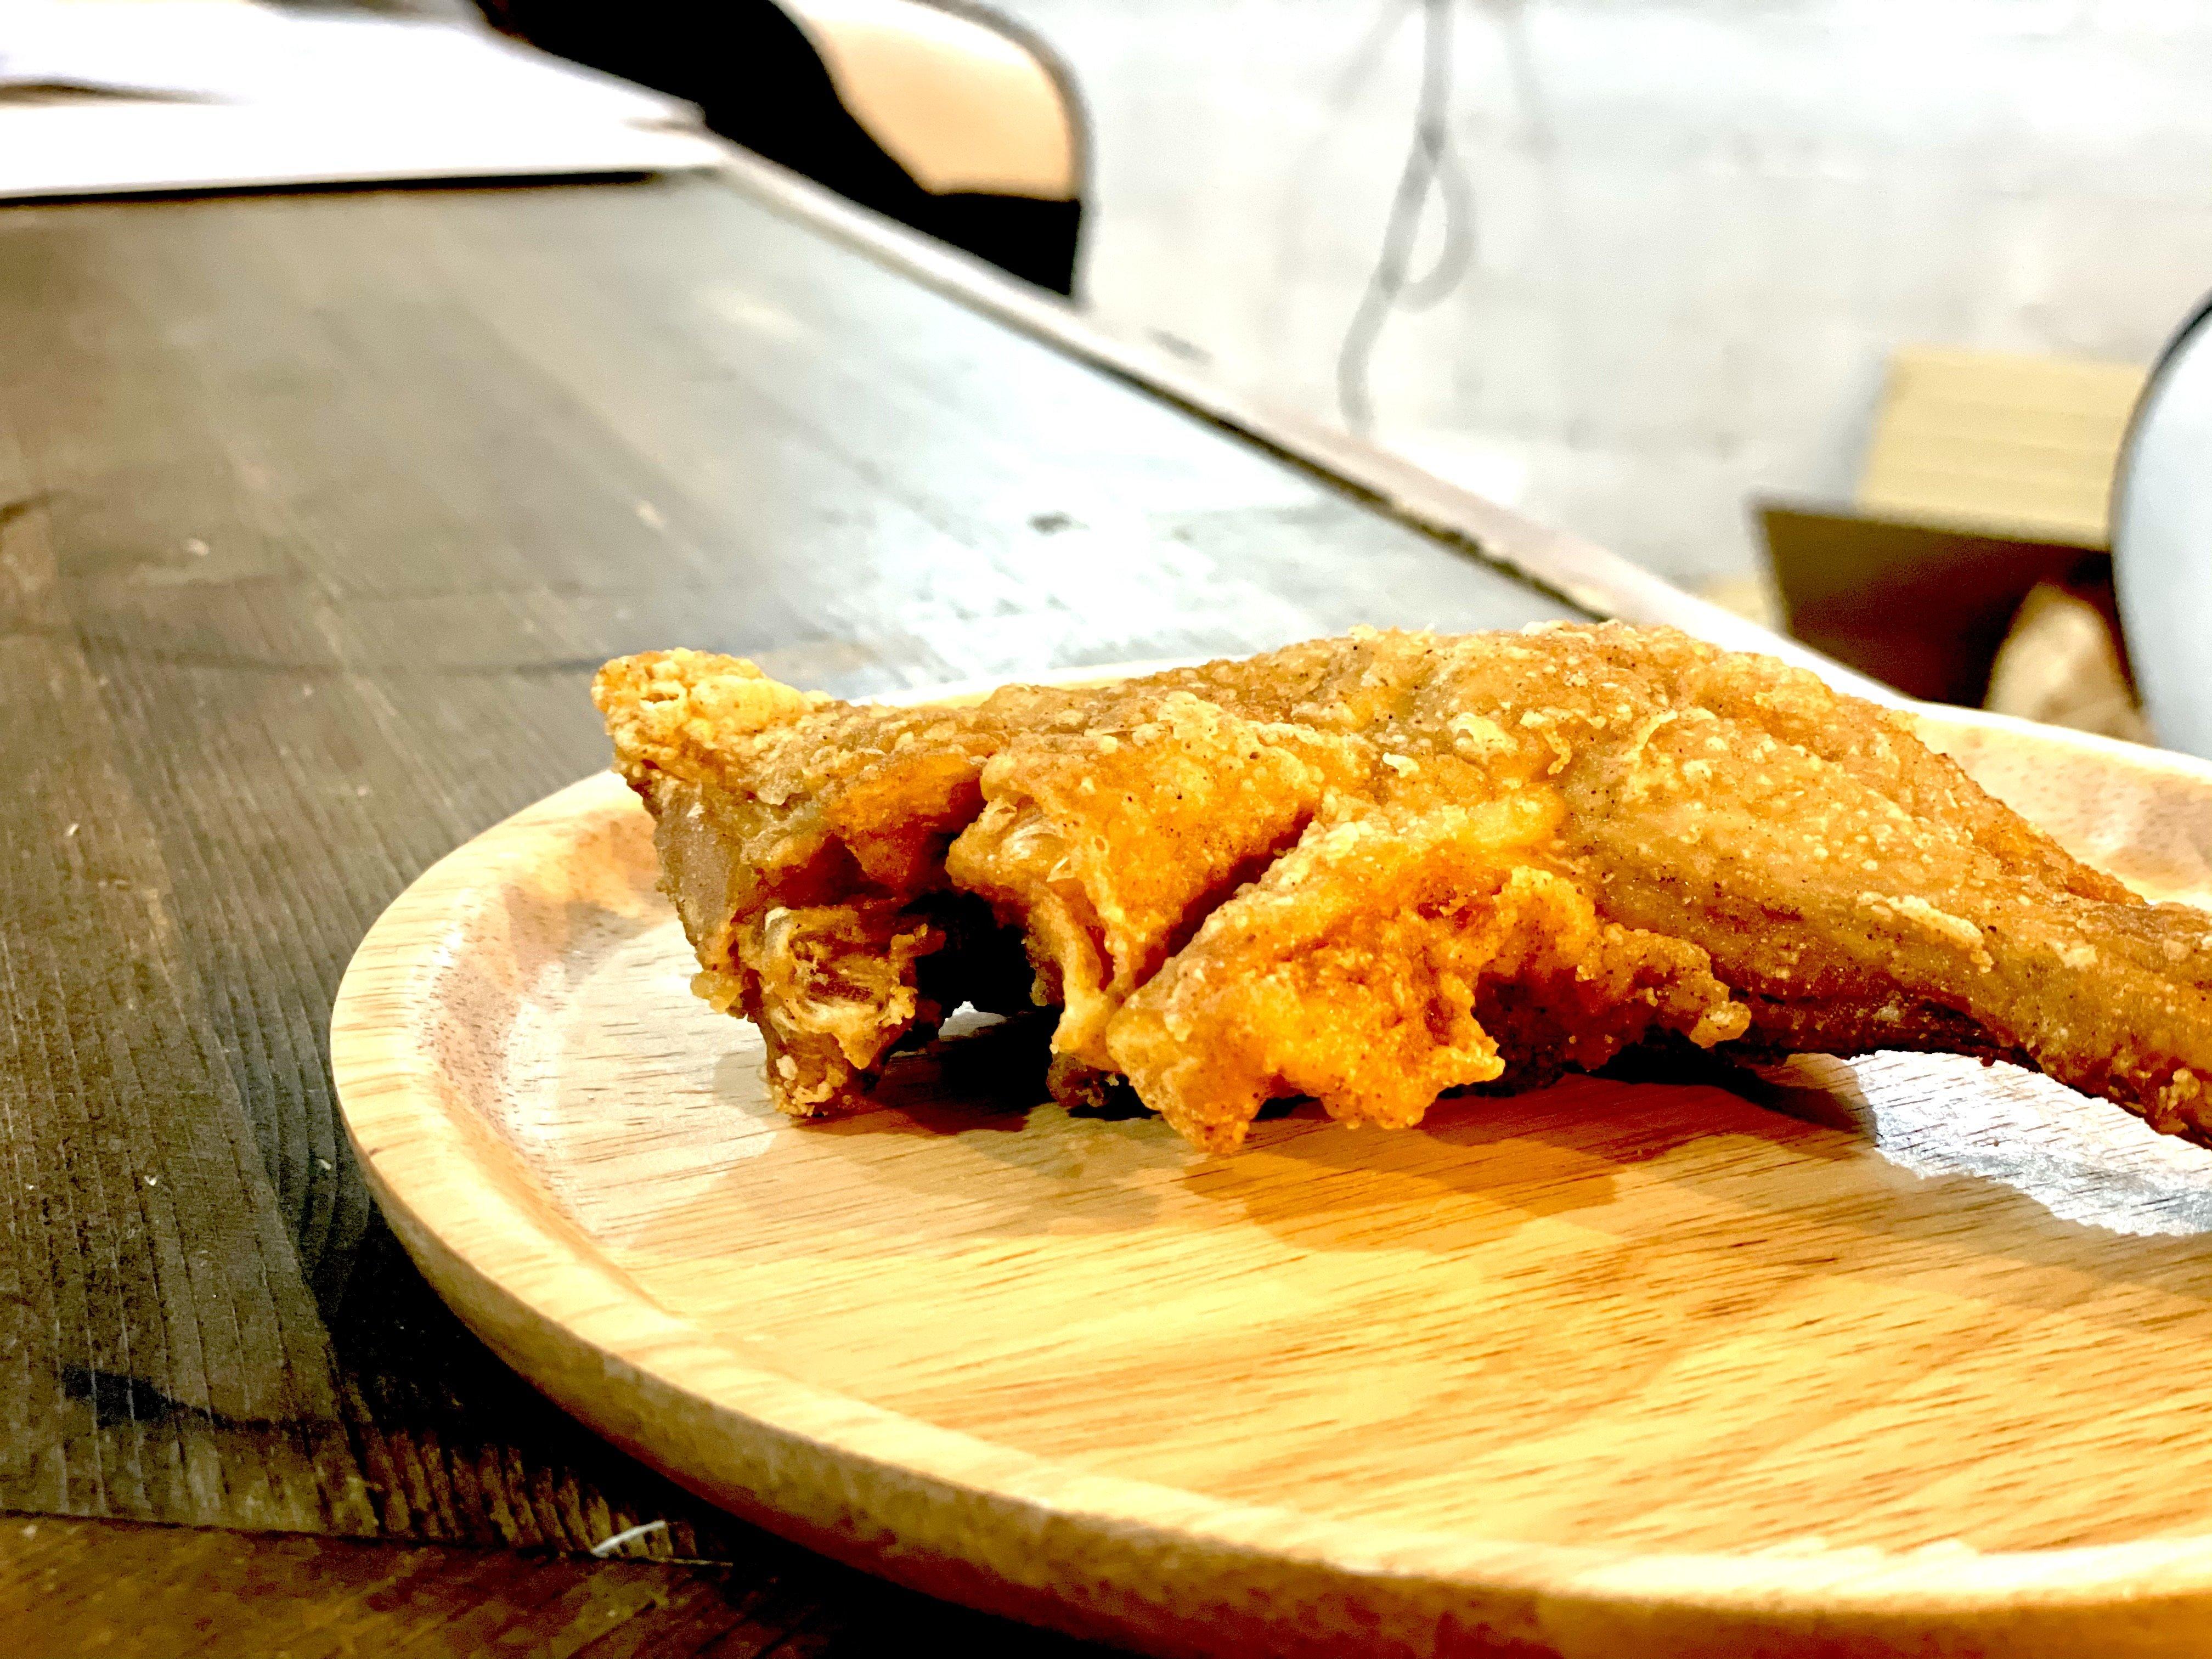 【テイクアウト】GALU-Fried フライドチキン専門店の「翼チキン」のイメージその2